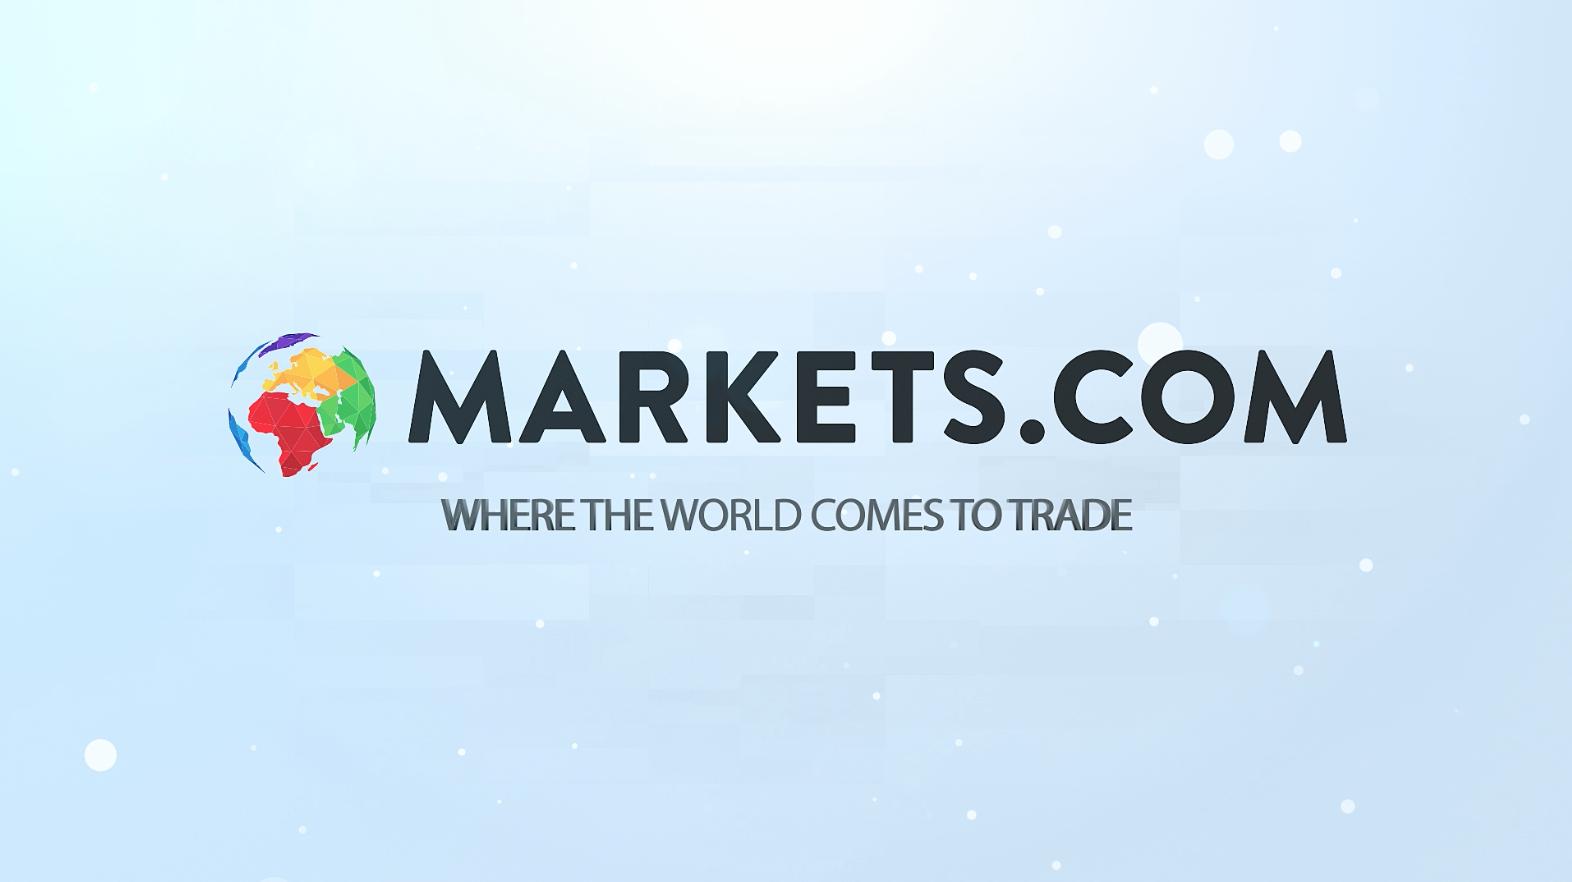 تقييم شركة Markets.com و التعريف بها